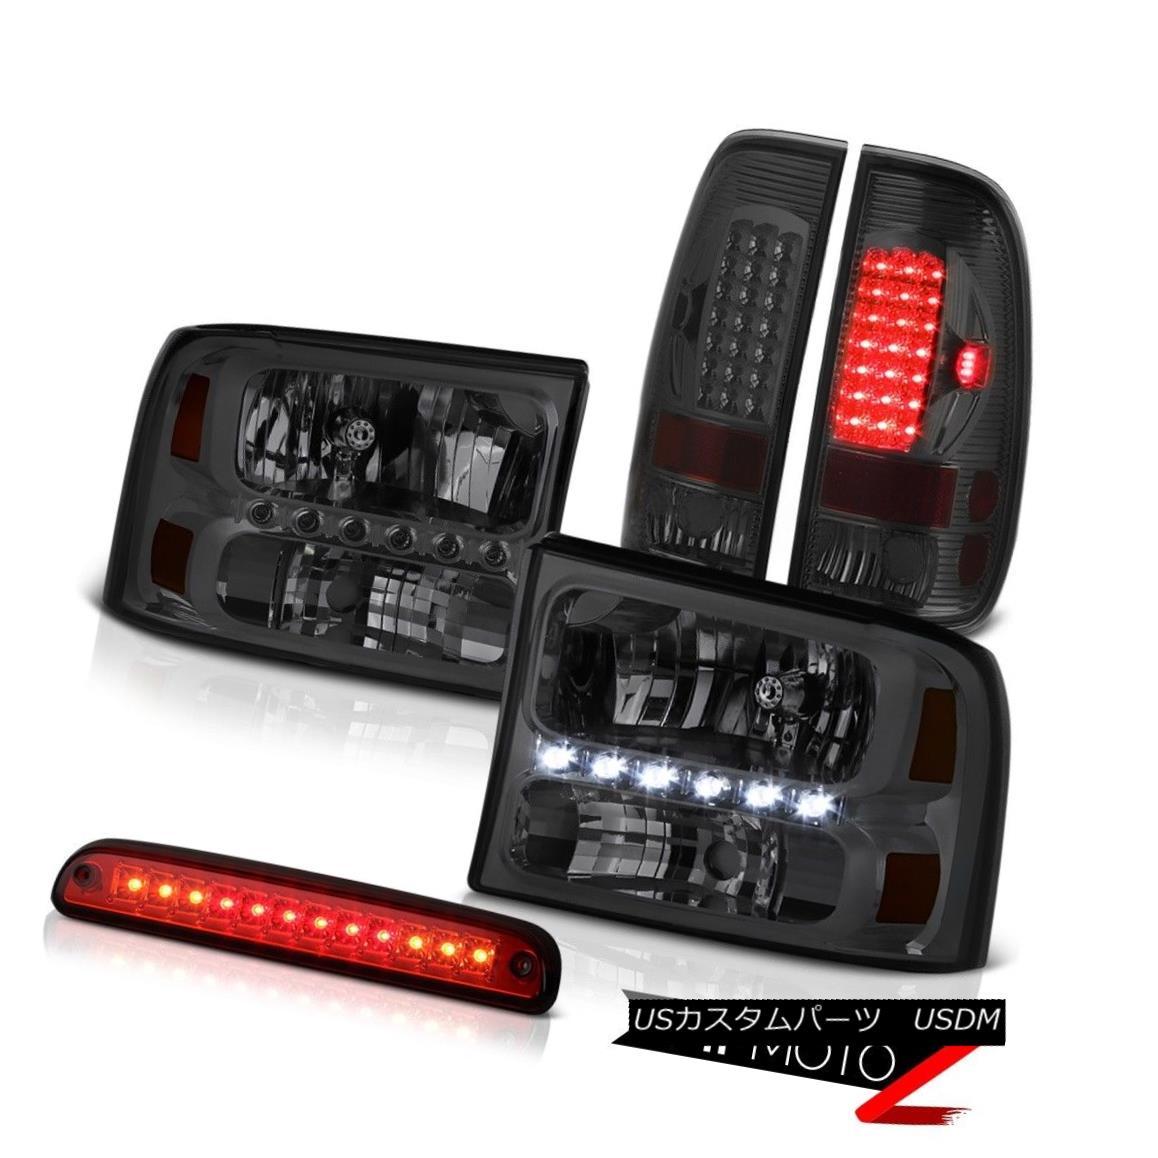 テールライト Dark Smoke Headlamps 3rd Brake Red LED Smoked Taillamp 99-04 F250 King Ranch ダーク・スモーク・ヘッドランプ第3ブレーキ・レッドLEDスモーク・タイランプ99-04 F250キング・ランチ